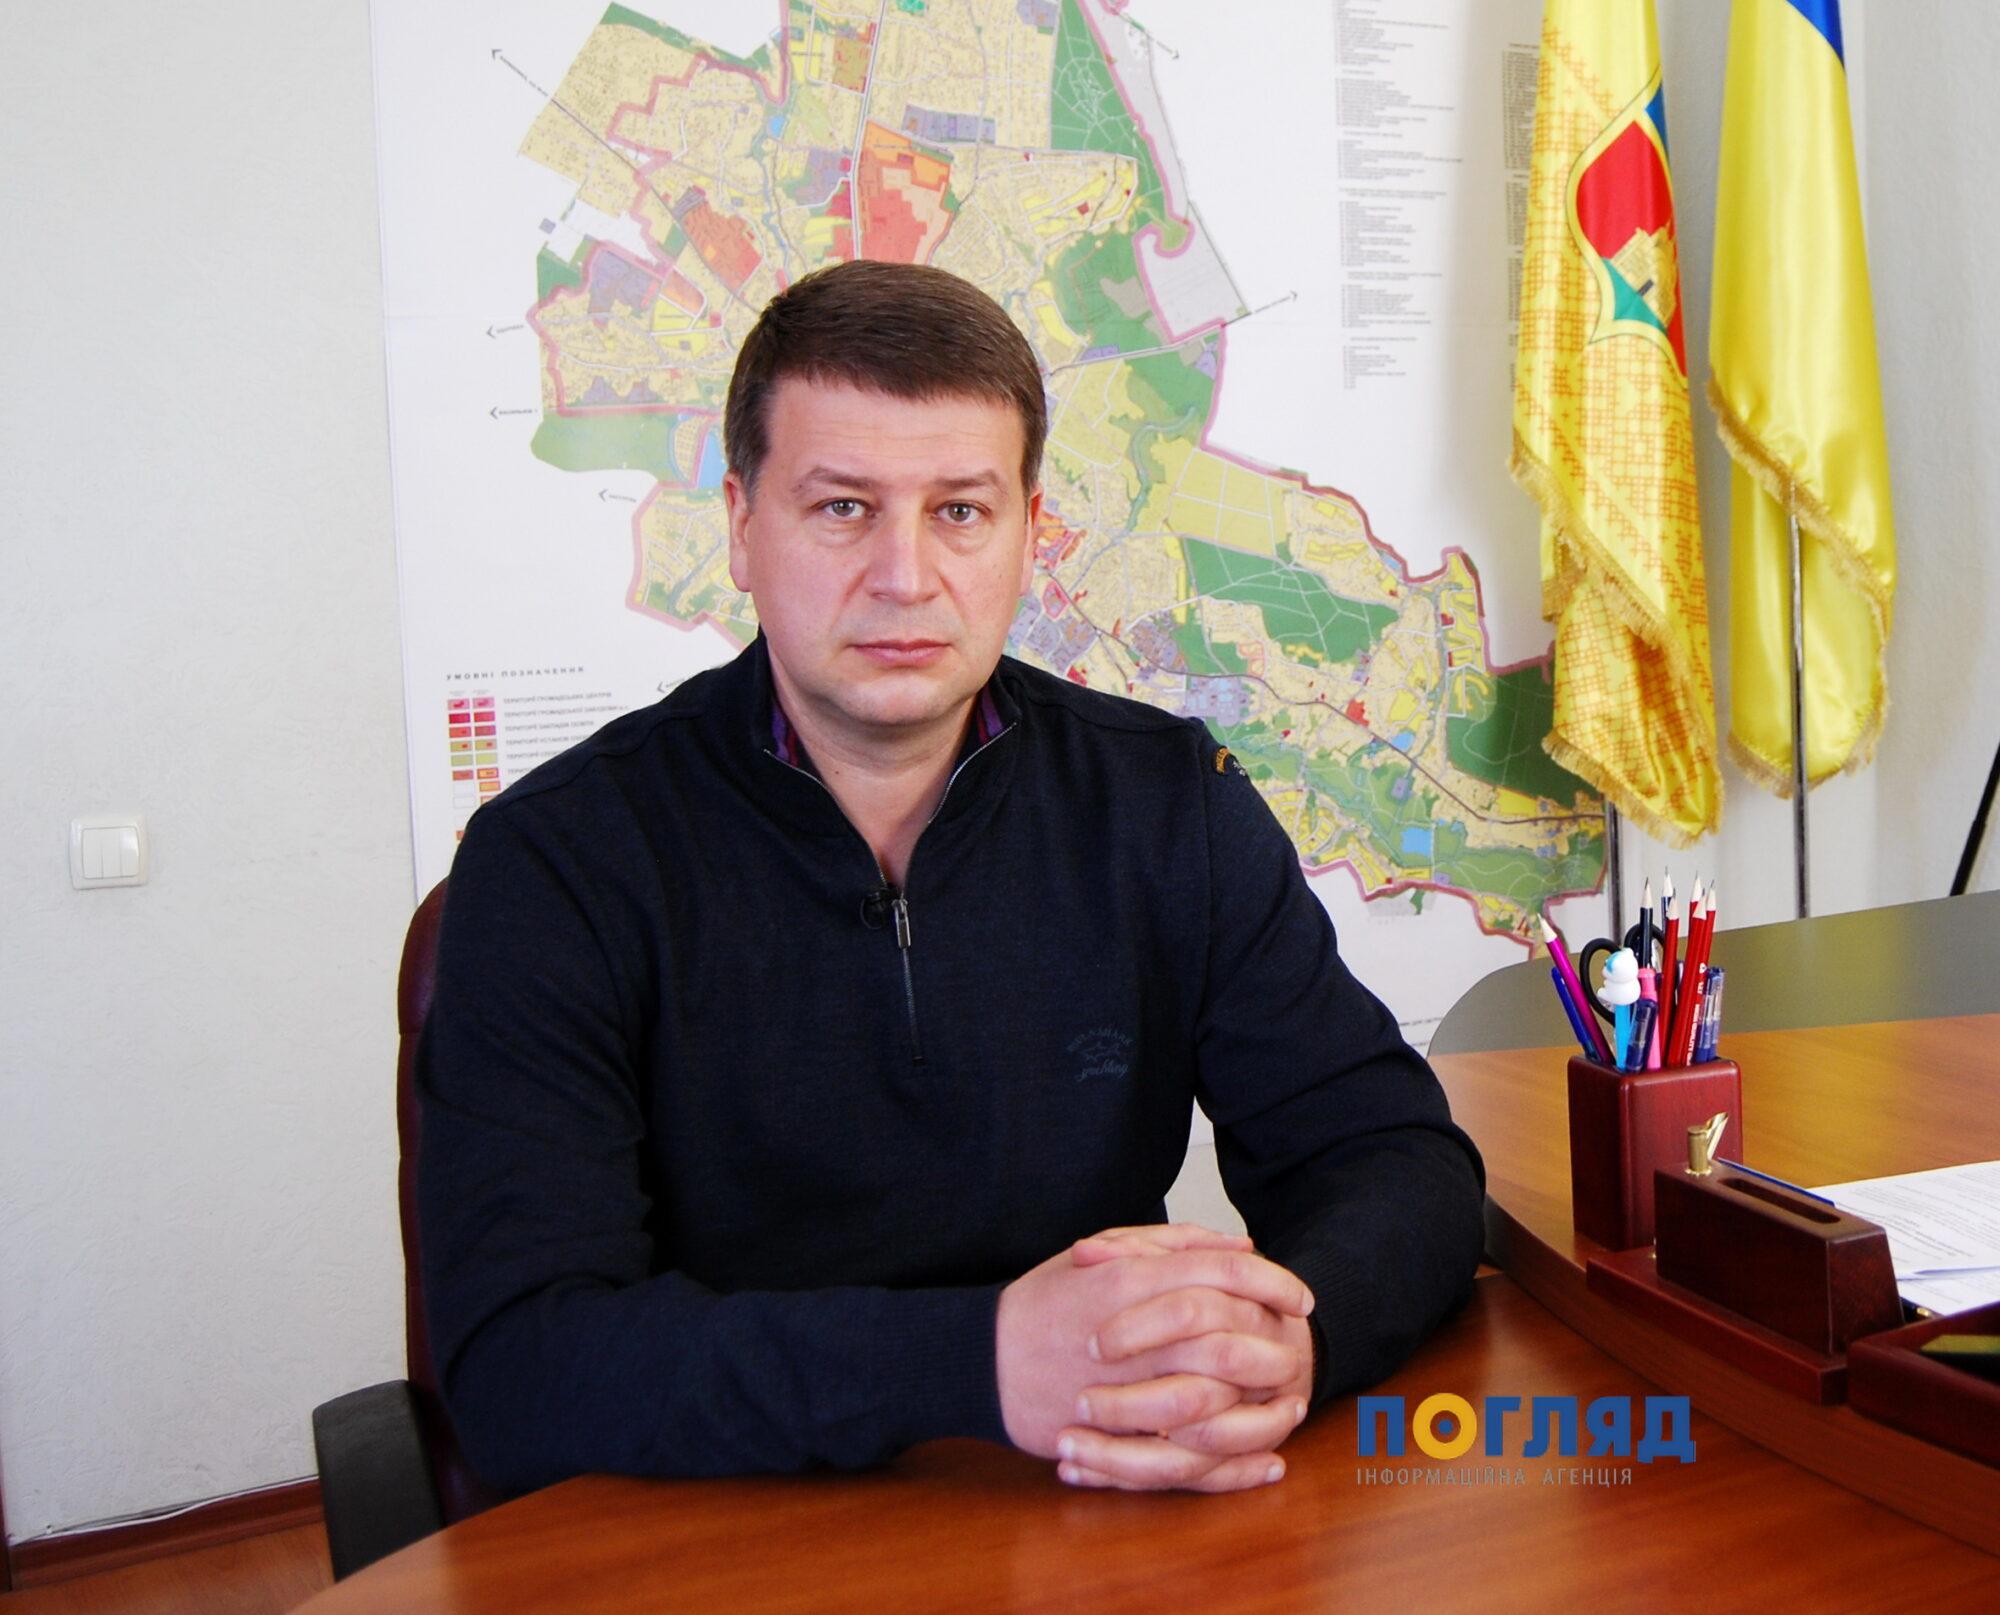 Очільник Василькова визначився, до якої партії приєднатися -  - 0000DSC 4081 2000x1615